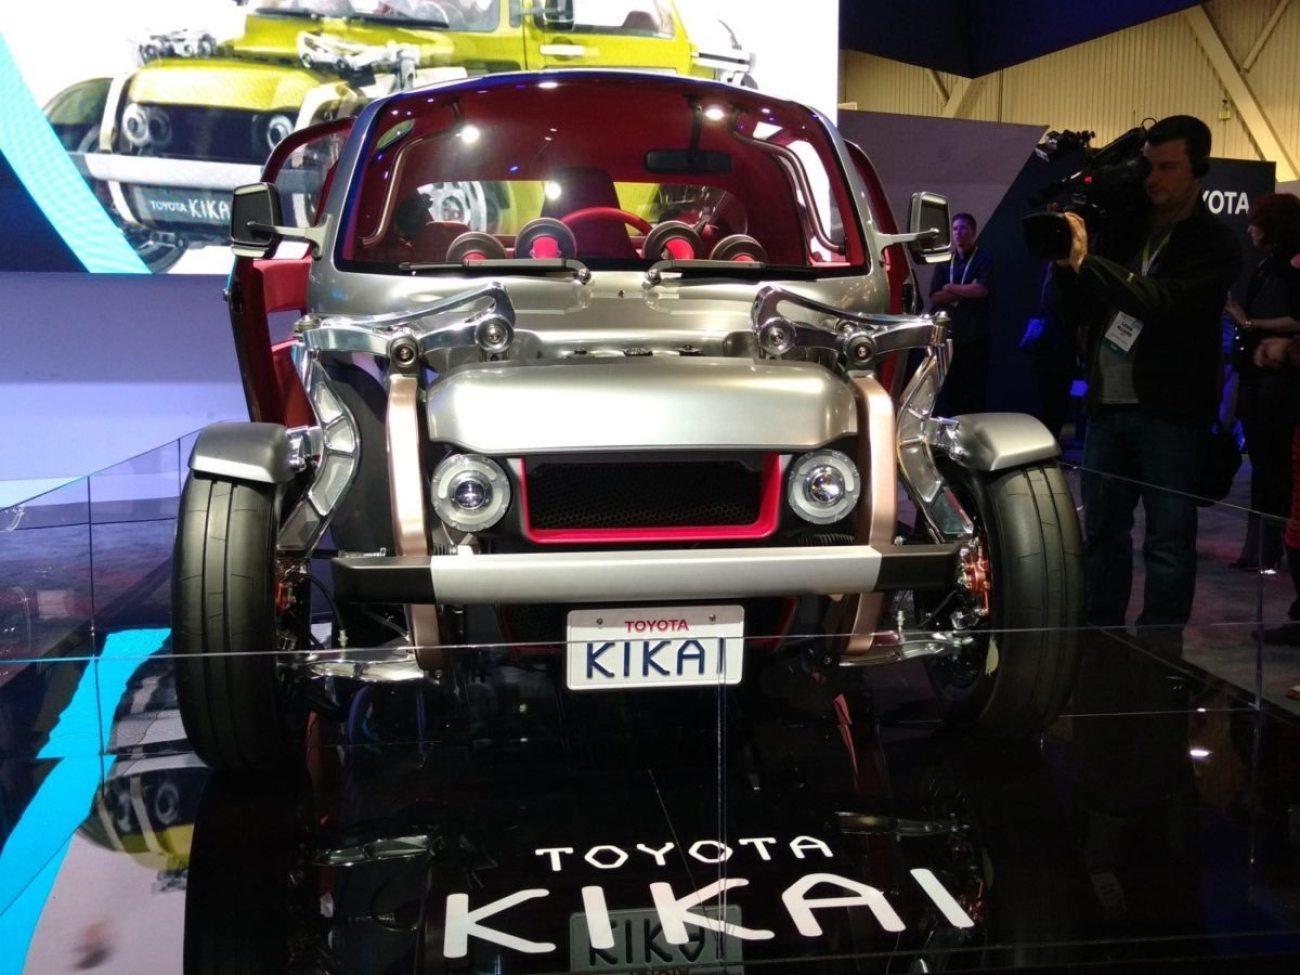 Toyota Kikai CES 2016